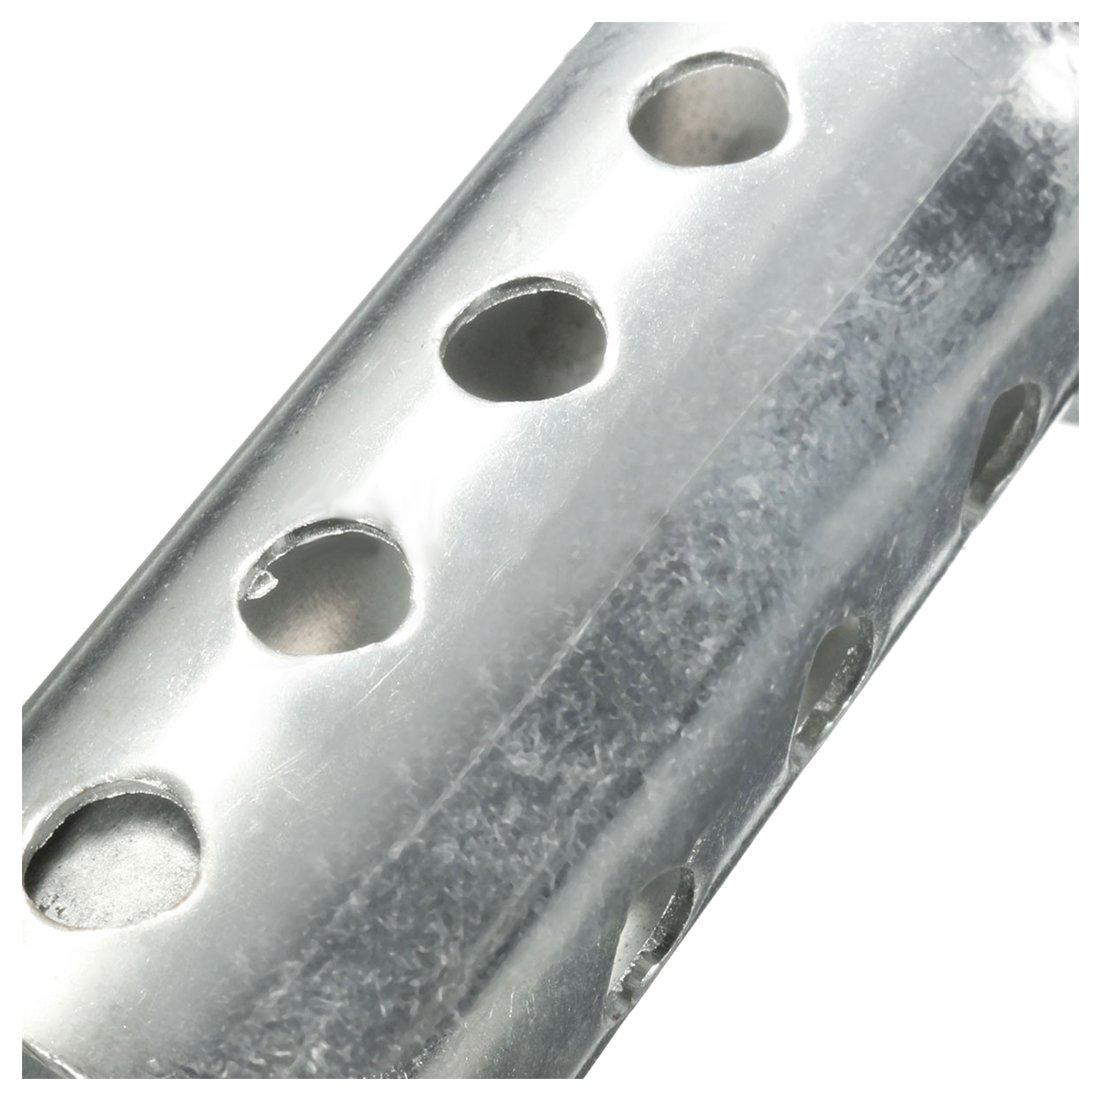 XZANTE Silver Pot D/échappement de Moto Peut Ins/érer Silencieux Baffle DB Killer Silencieux 48Mm X 80Mm